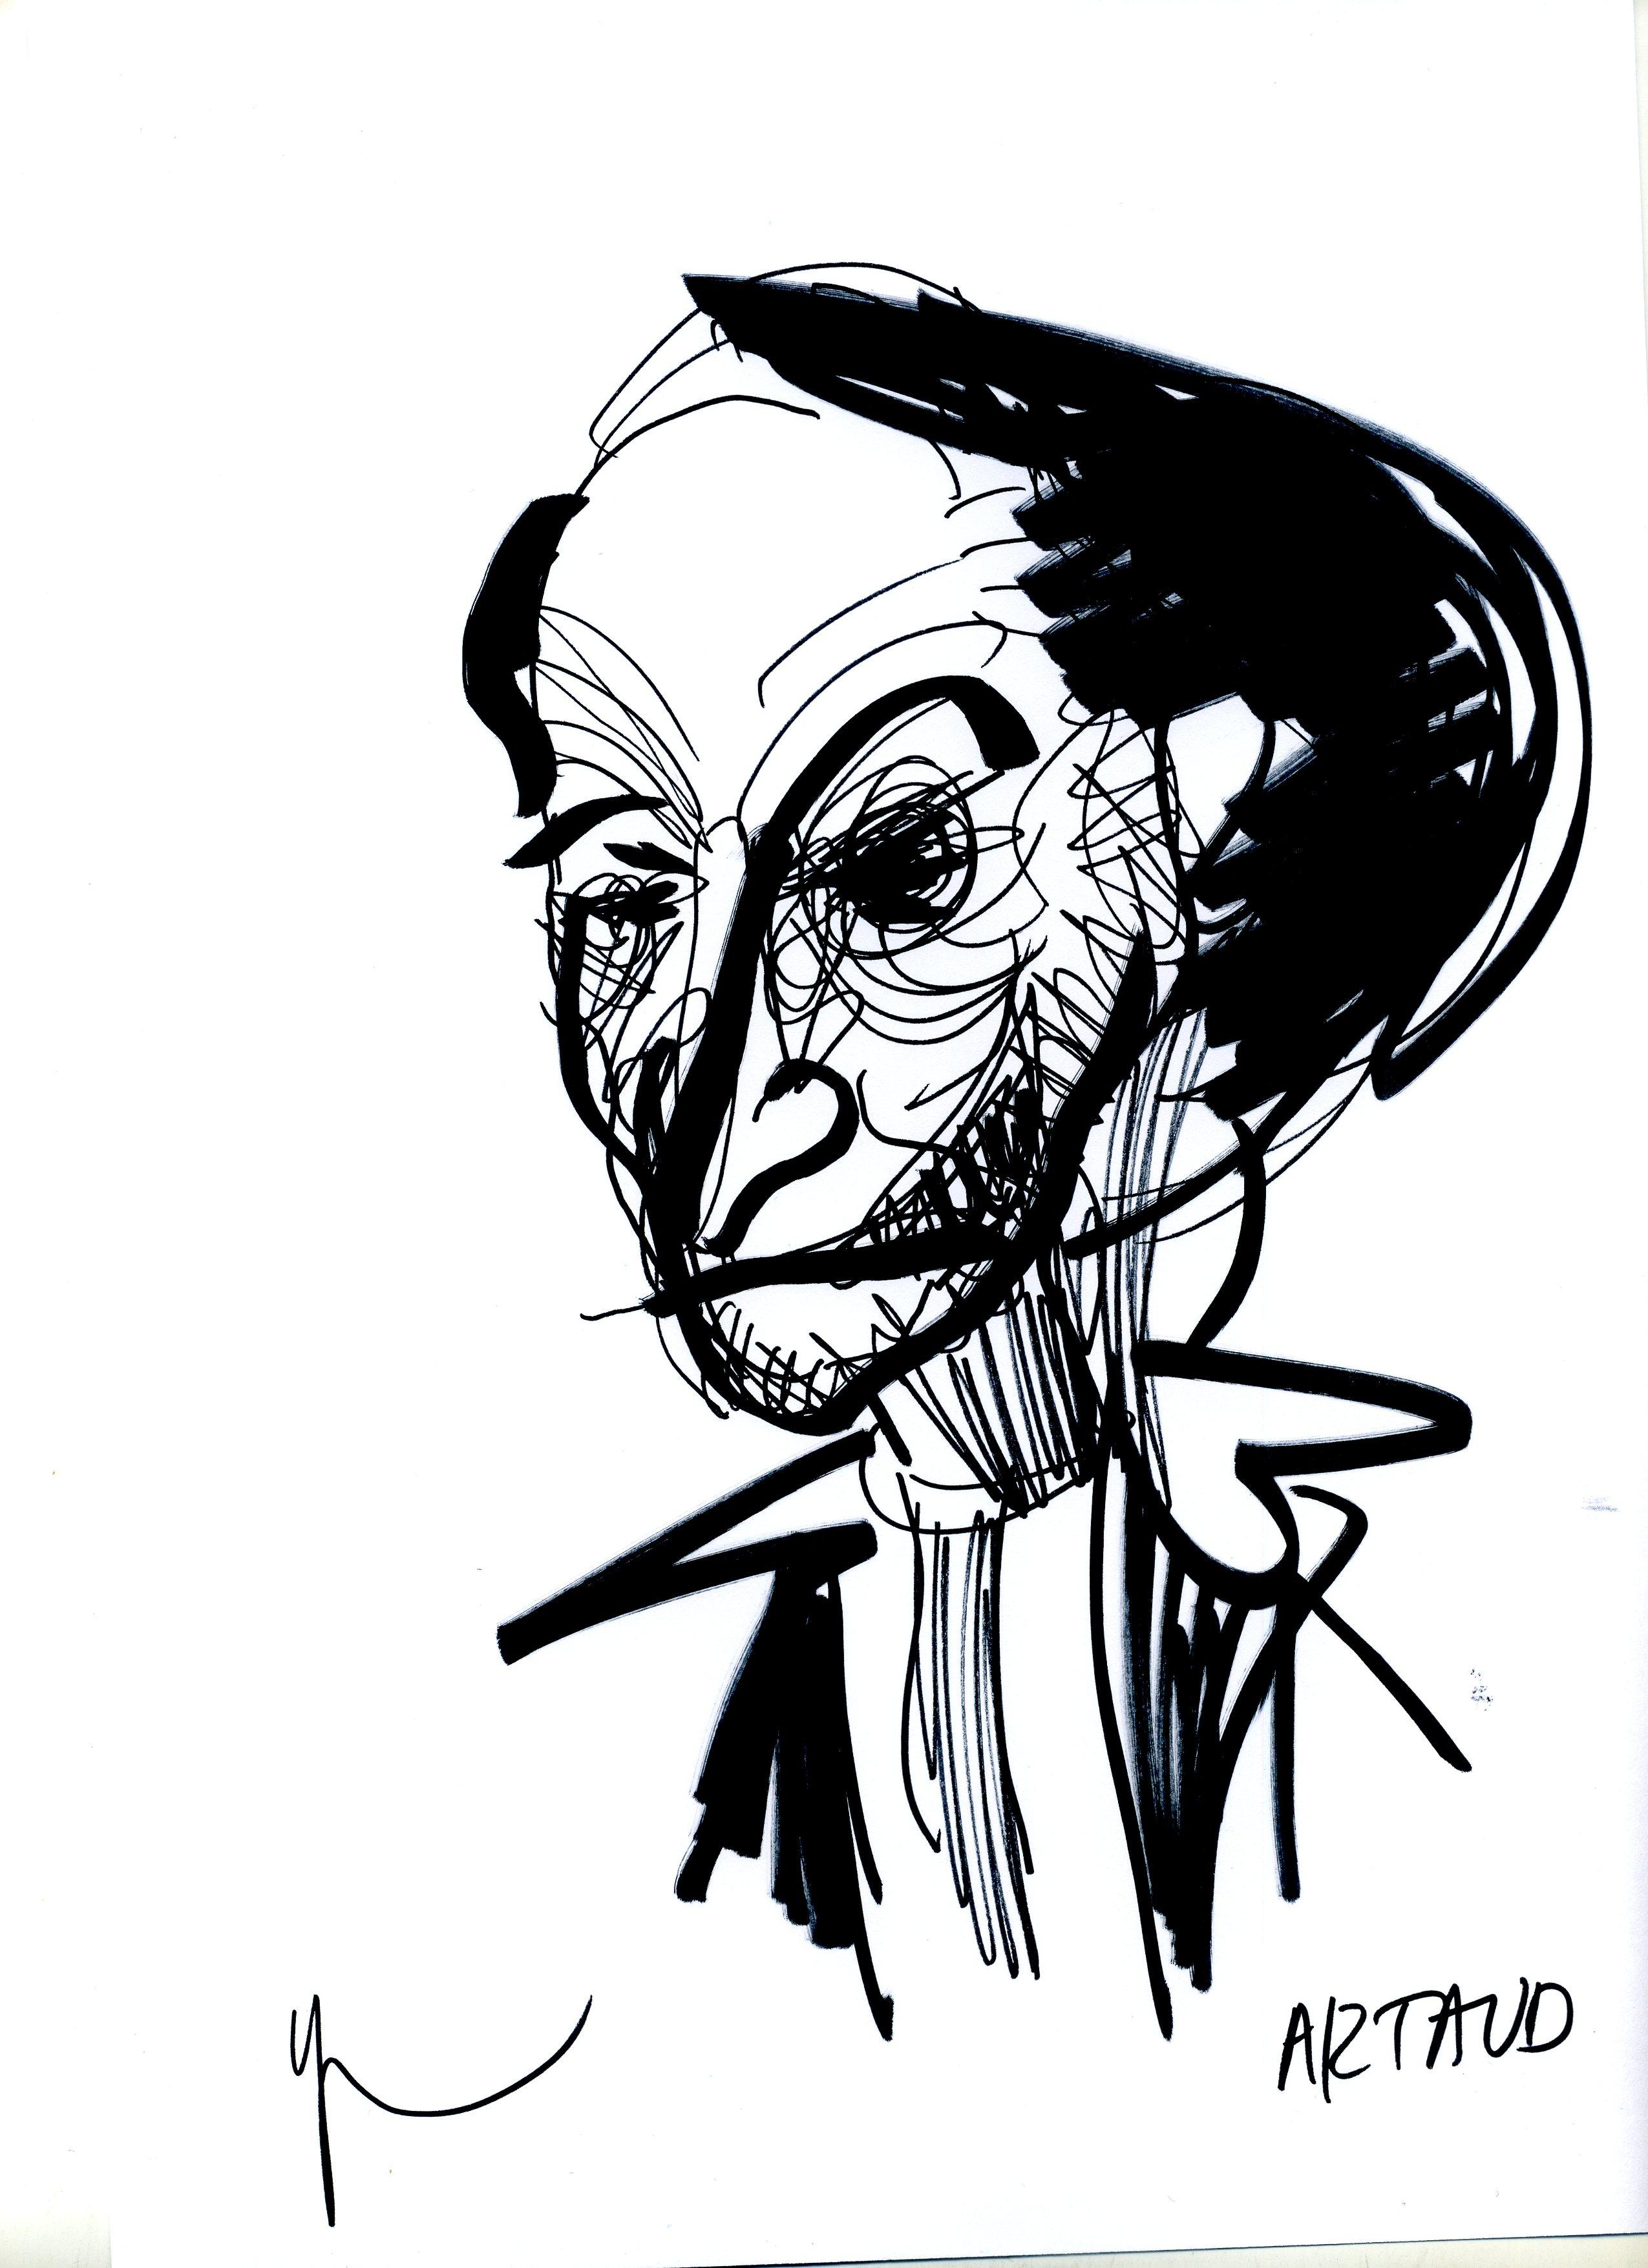 Portrait d'Antonin Artaud dessiné par Yann Moix